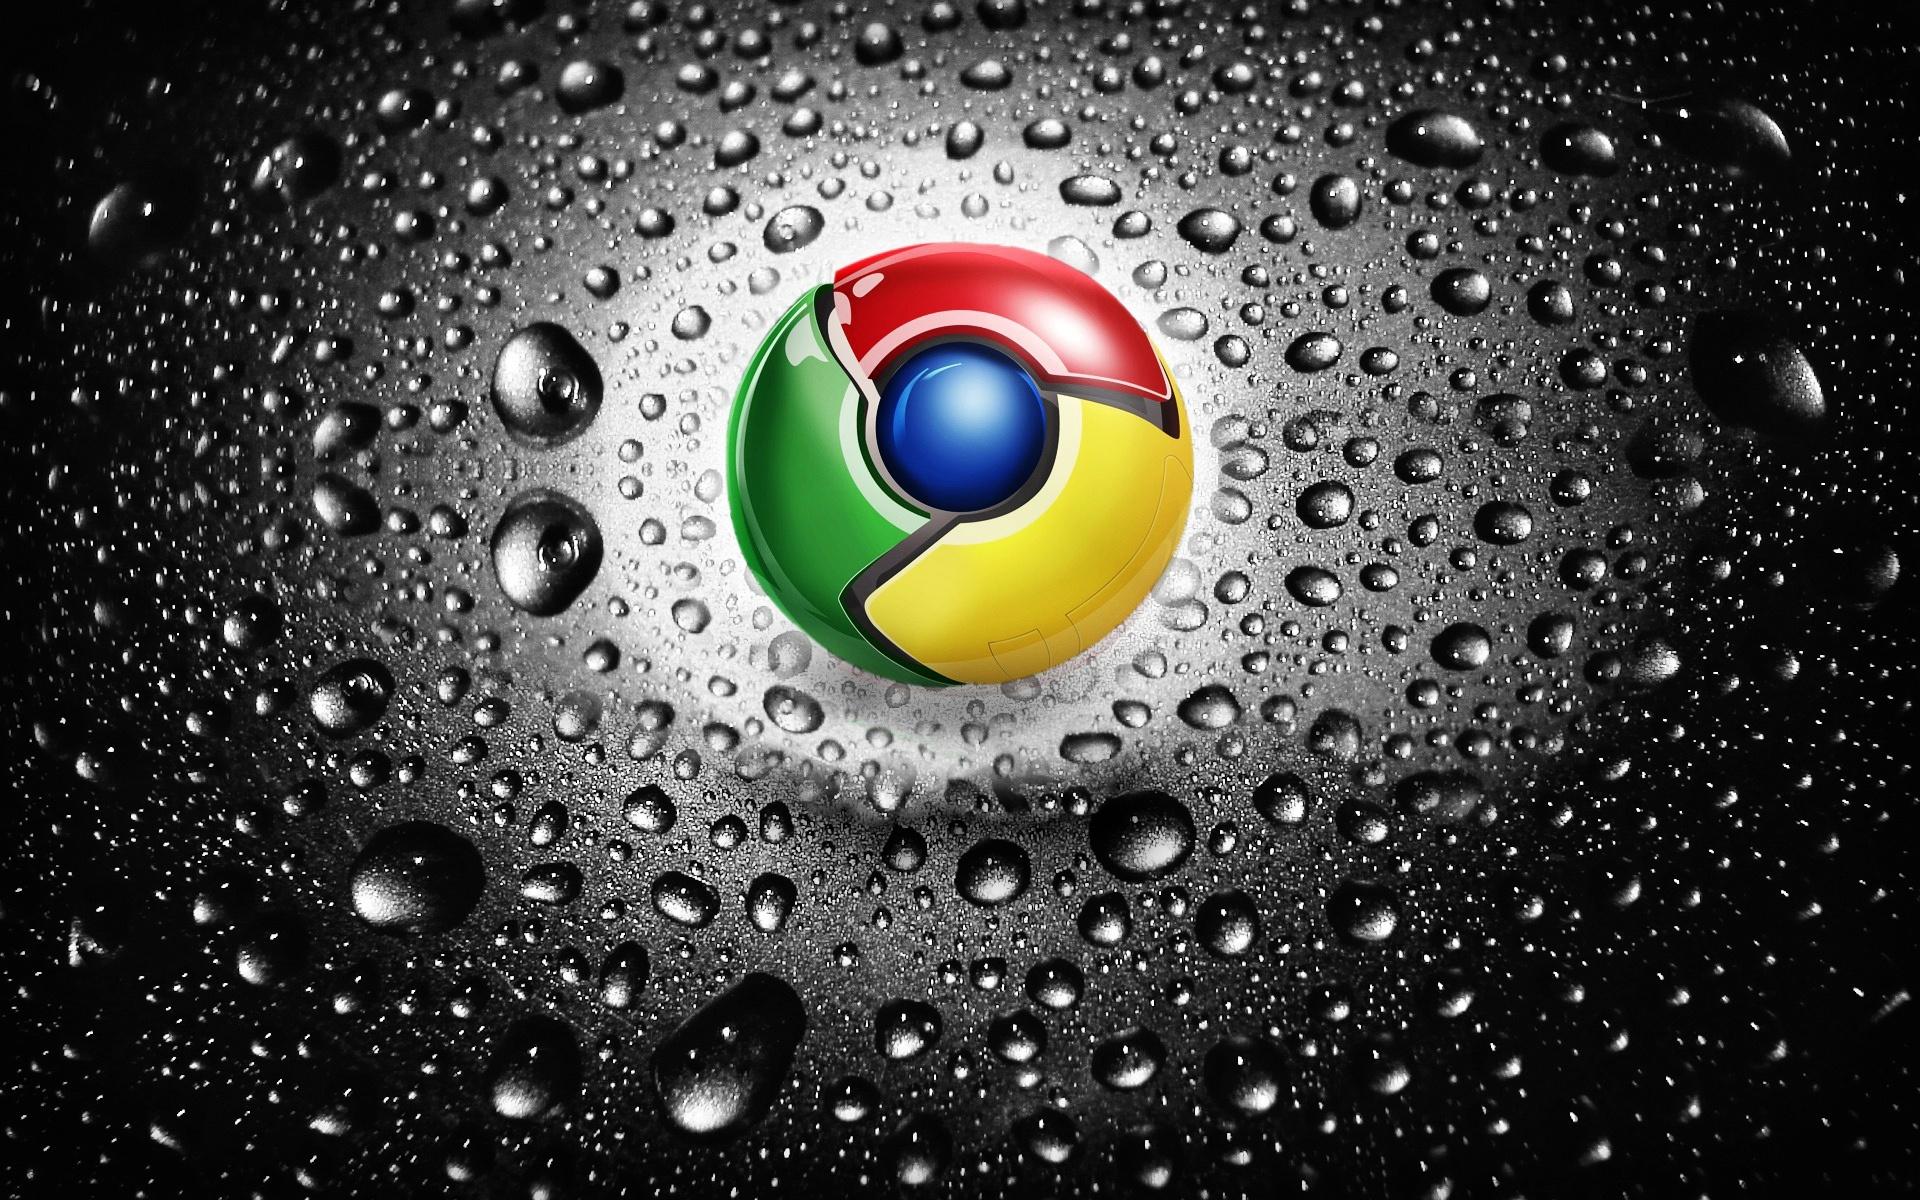 壁紙 Google Chromeのロゴ 1920x1200 Hd 無料のデスクトップの背景 画像